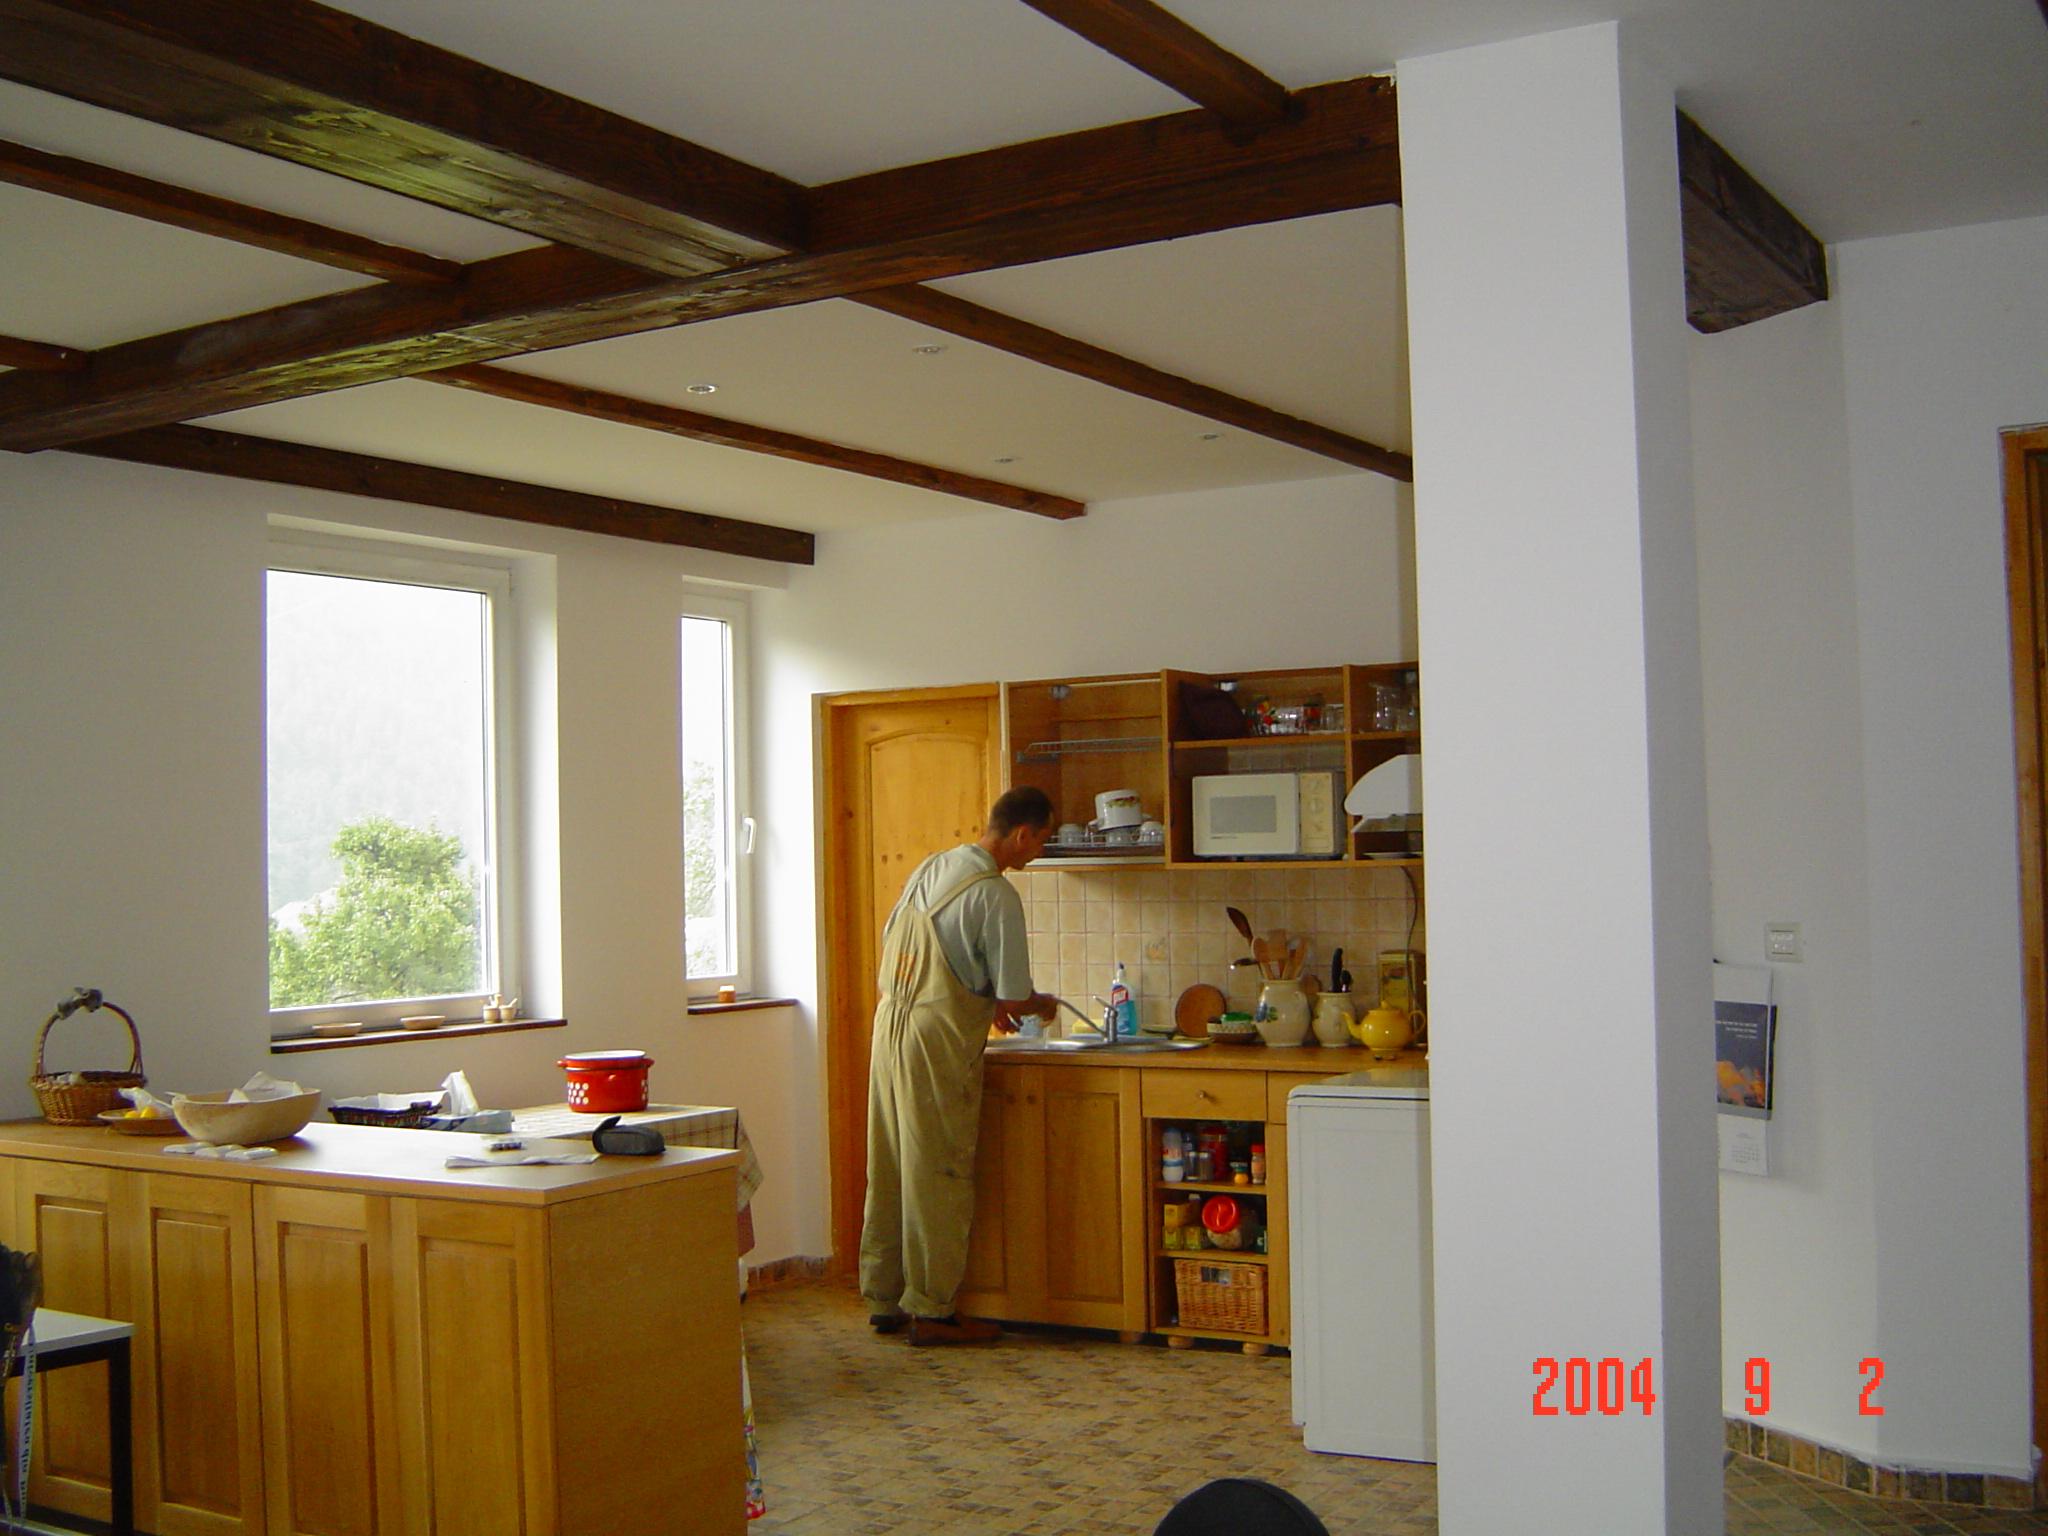 Casa de vacanta - Moeciu de Jos  - Poza 4